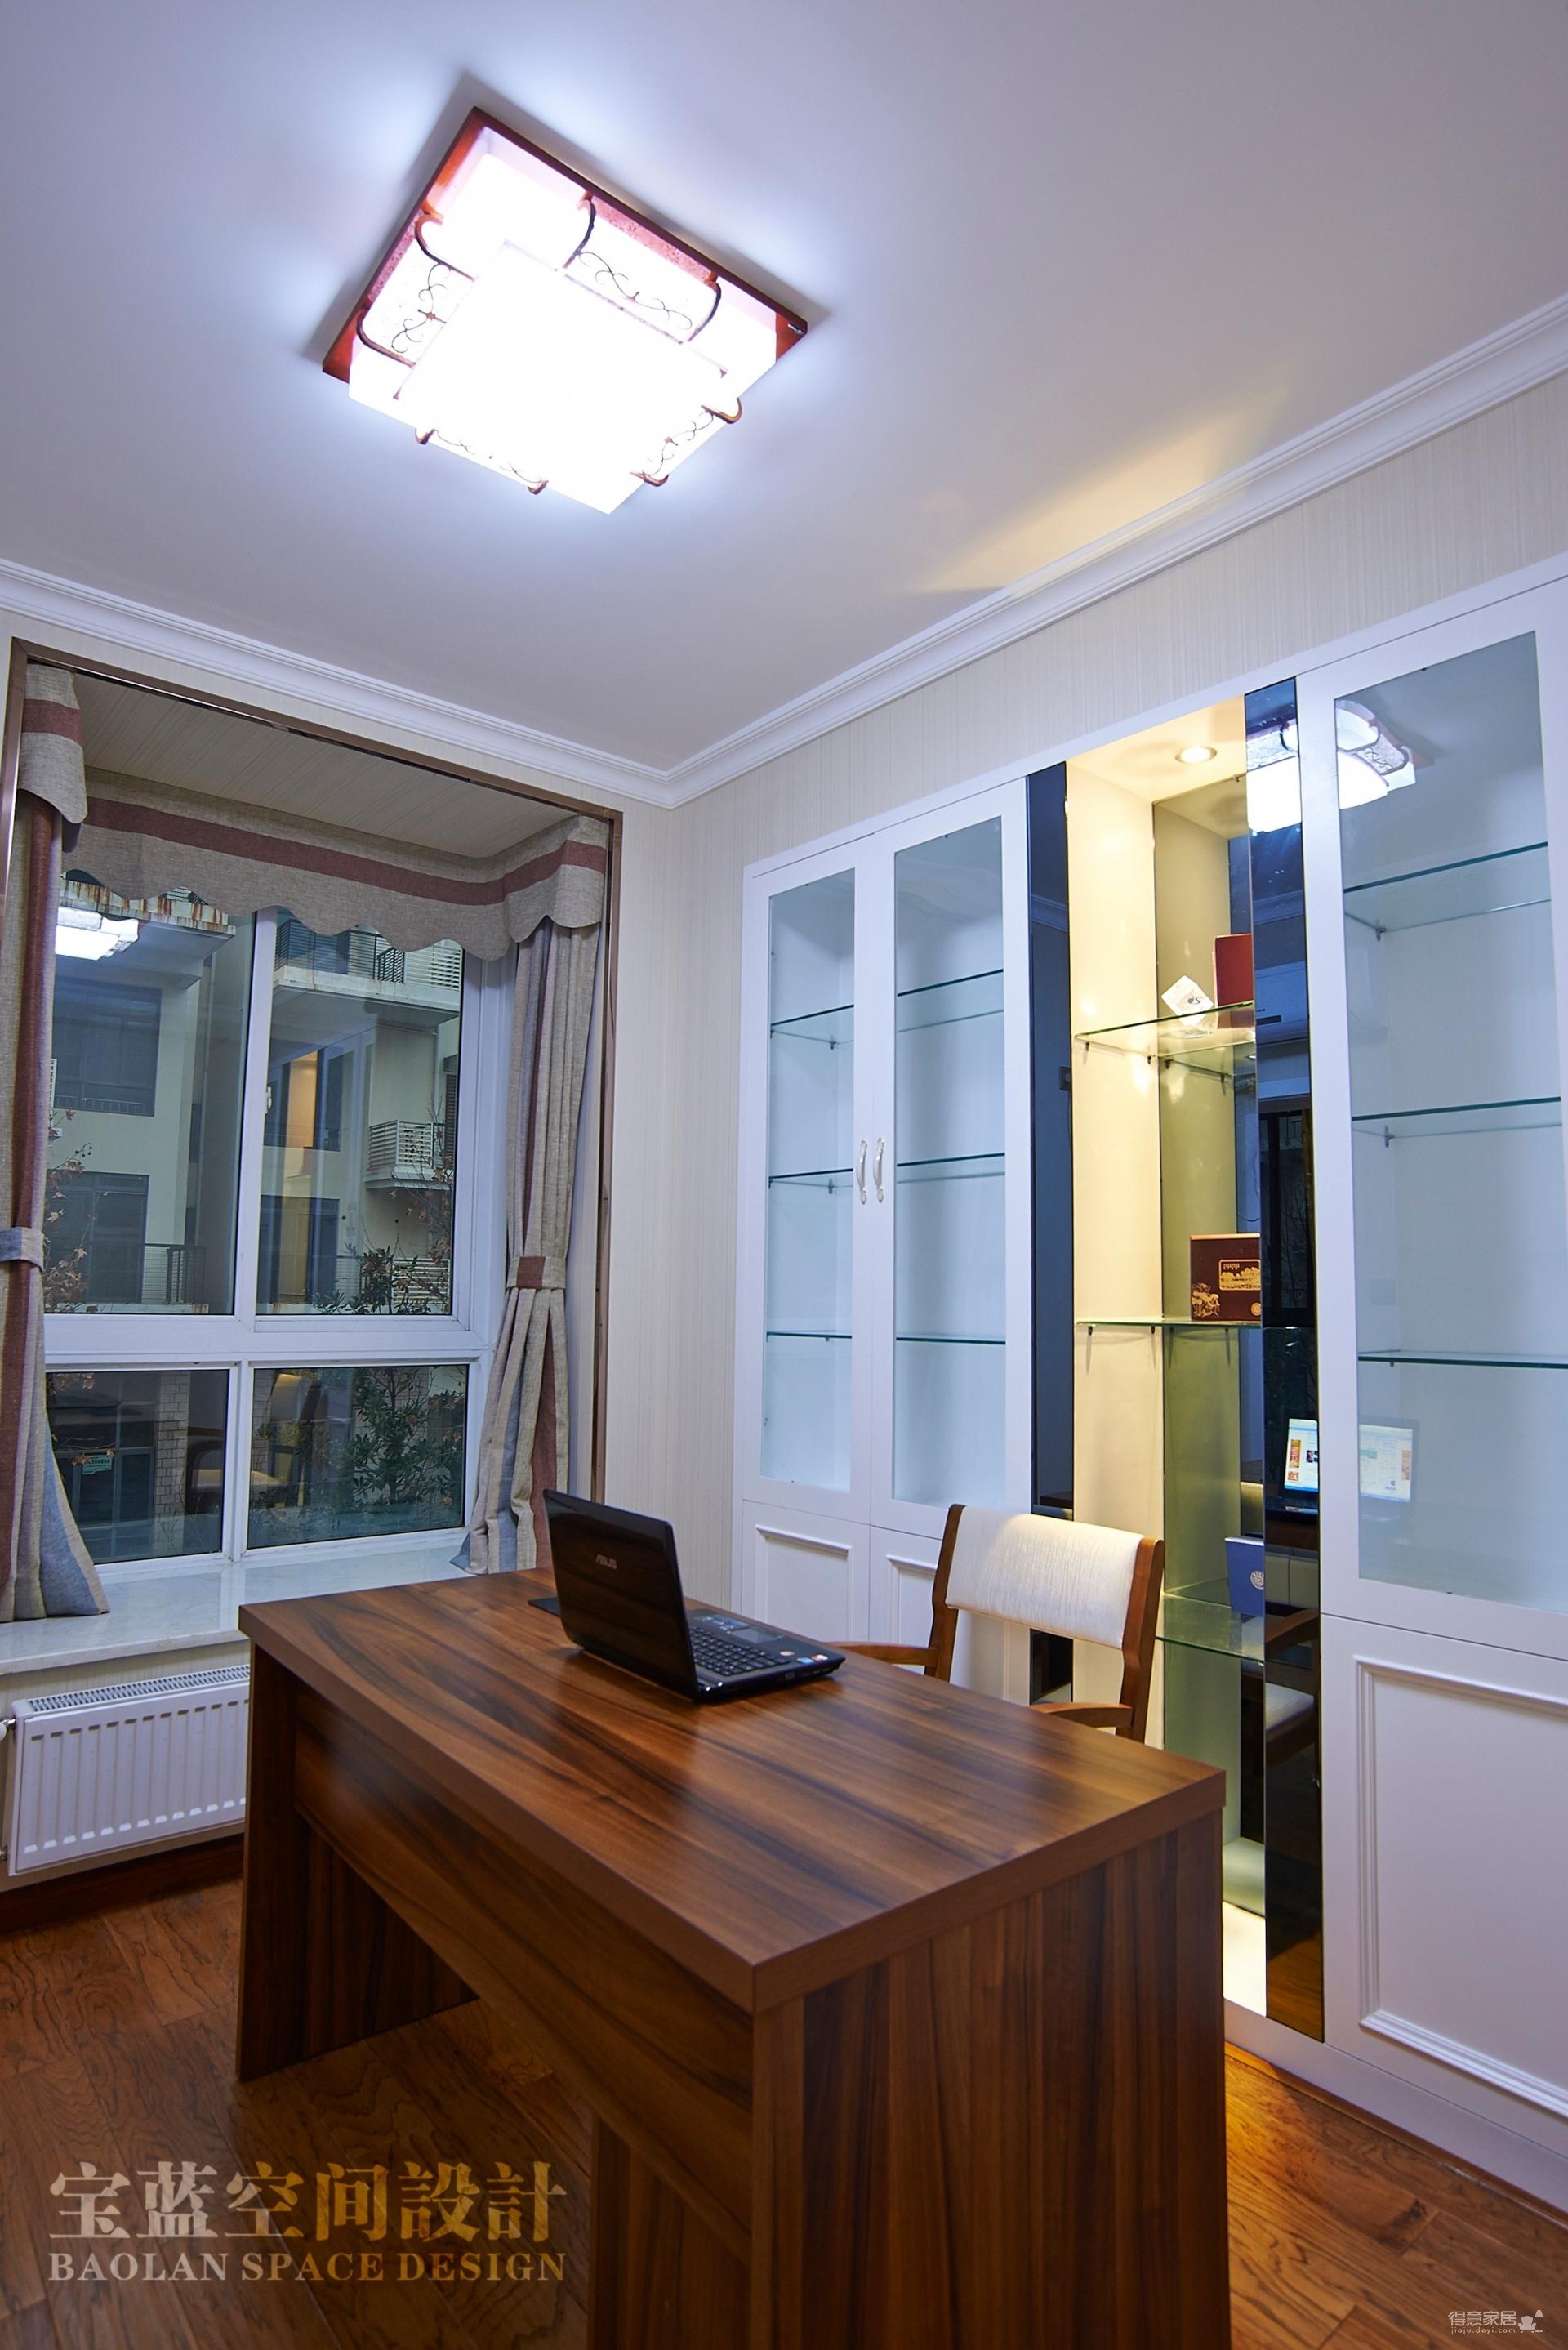 三层别墅-欧式风格-高端大气图_5